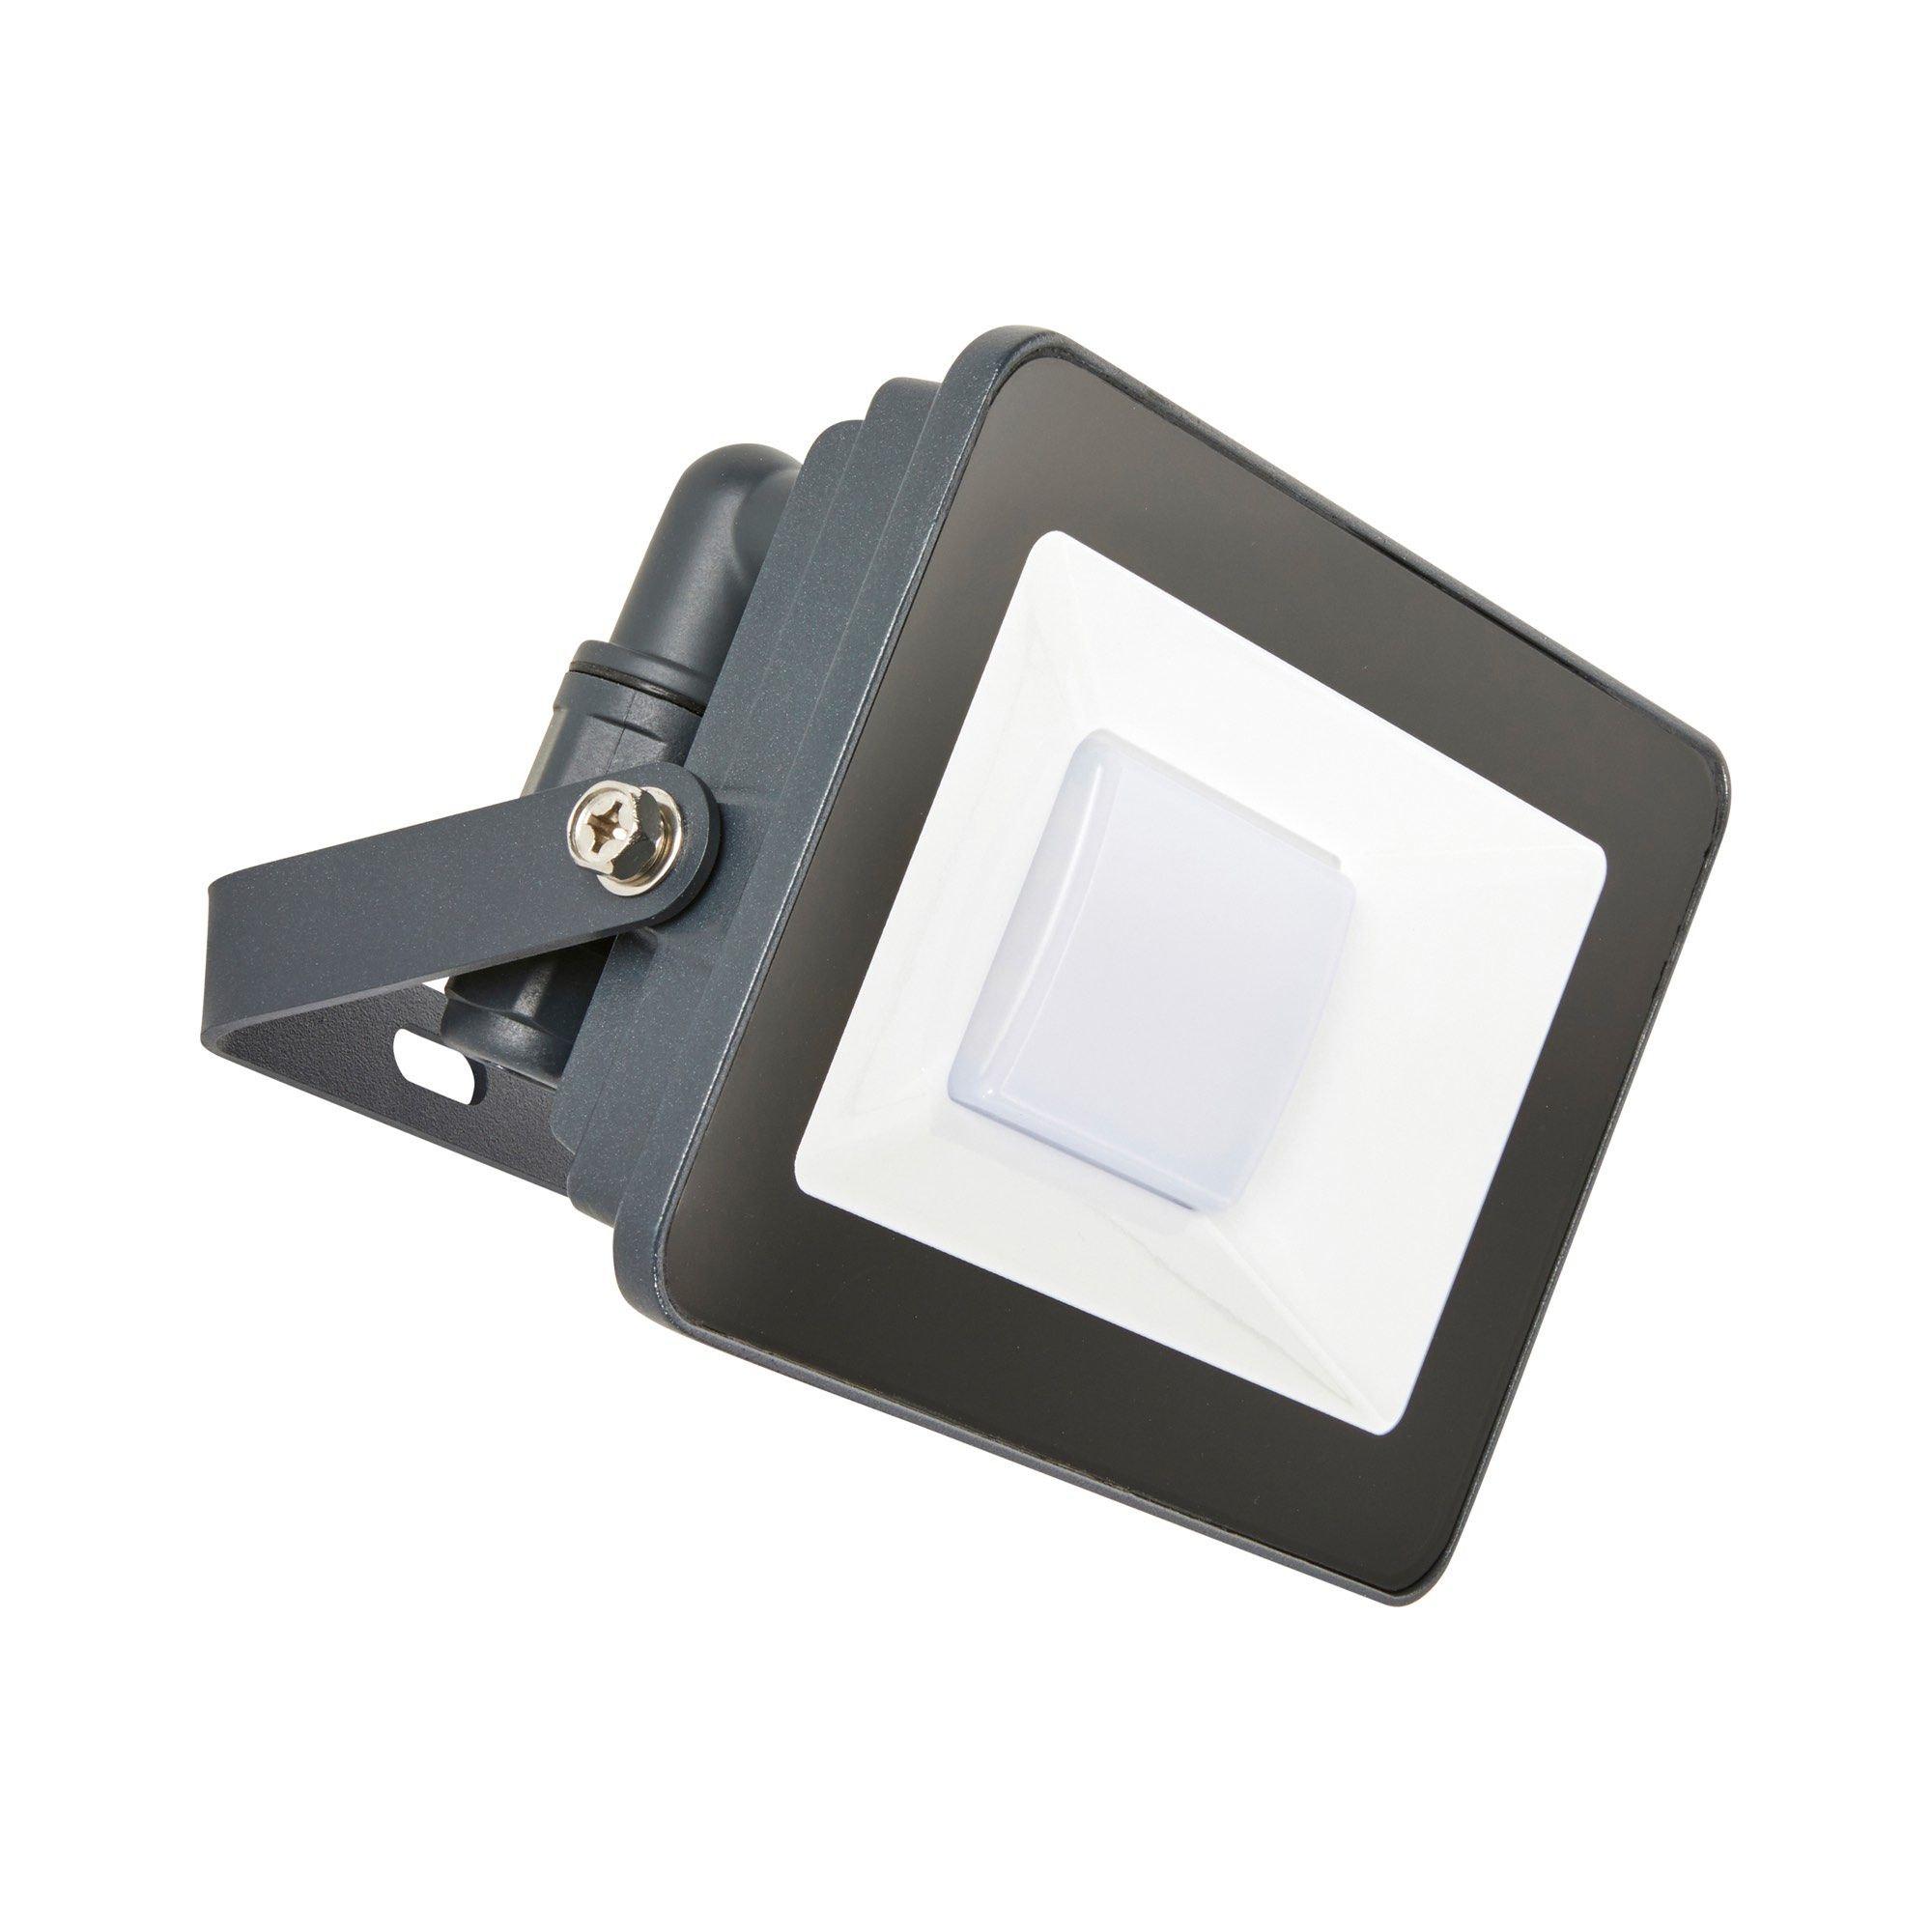 Proiector LED – Caracteristici și domenii de utilizare